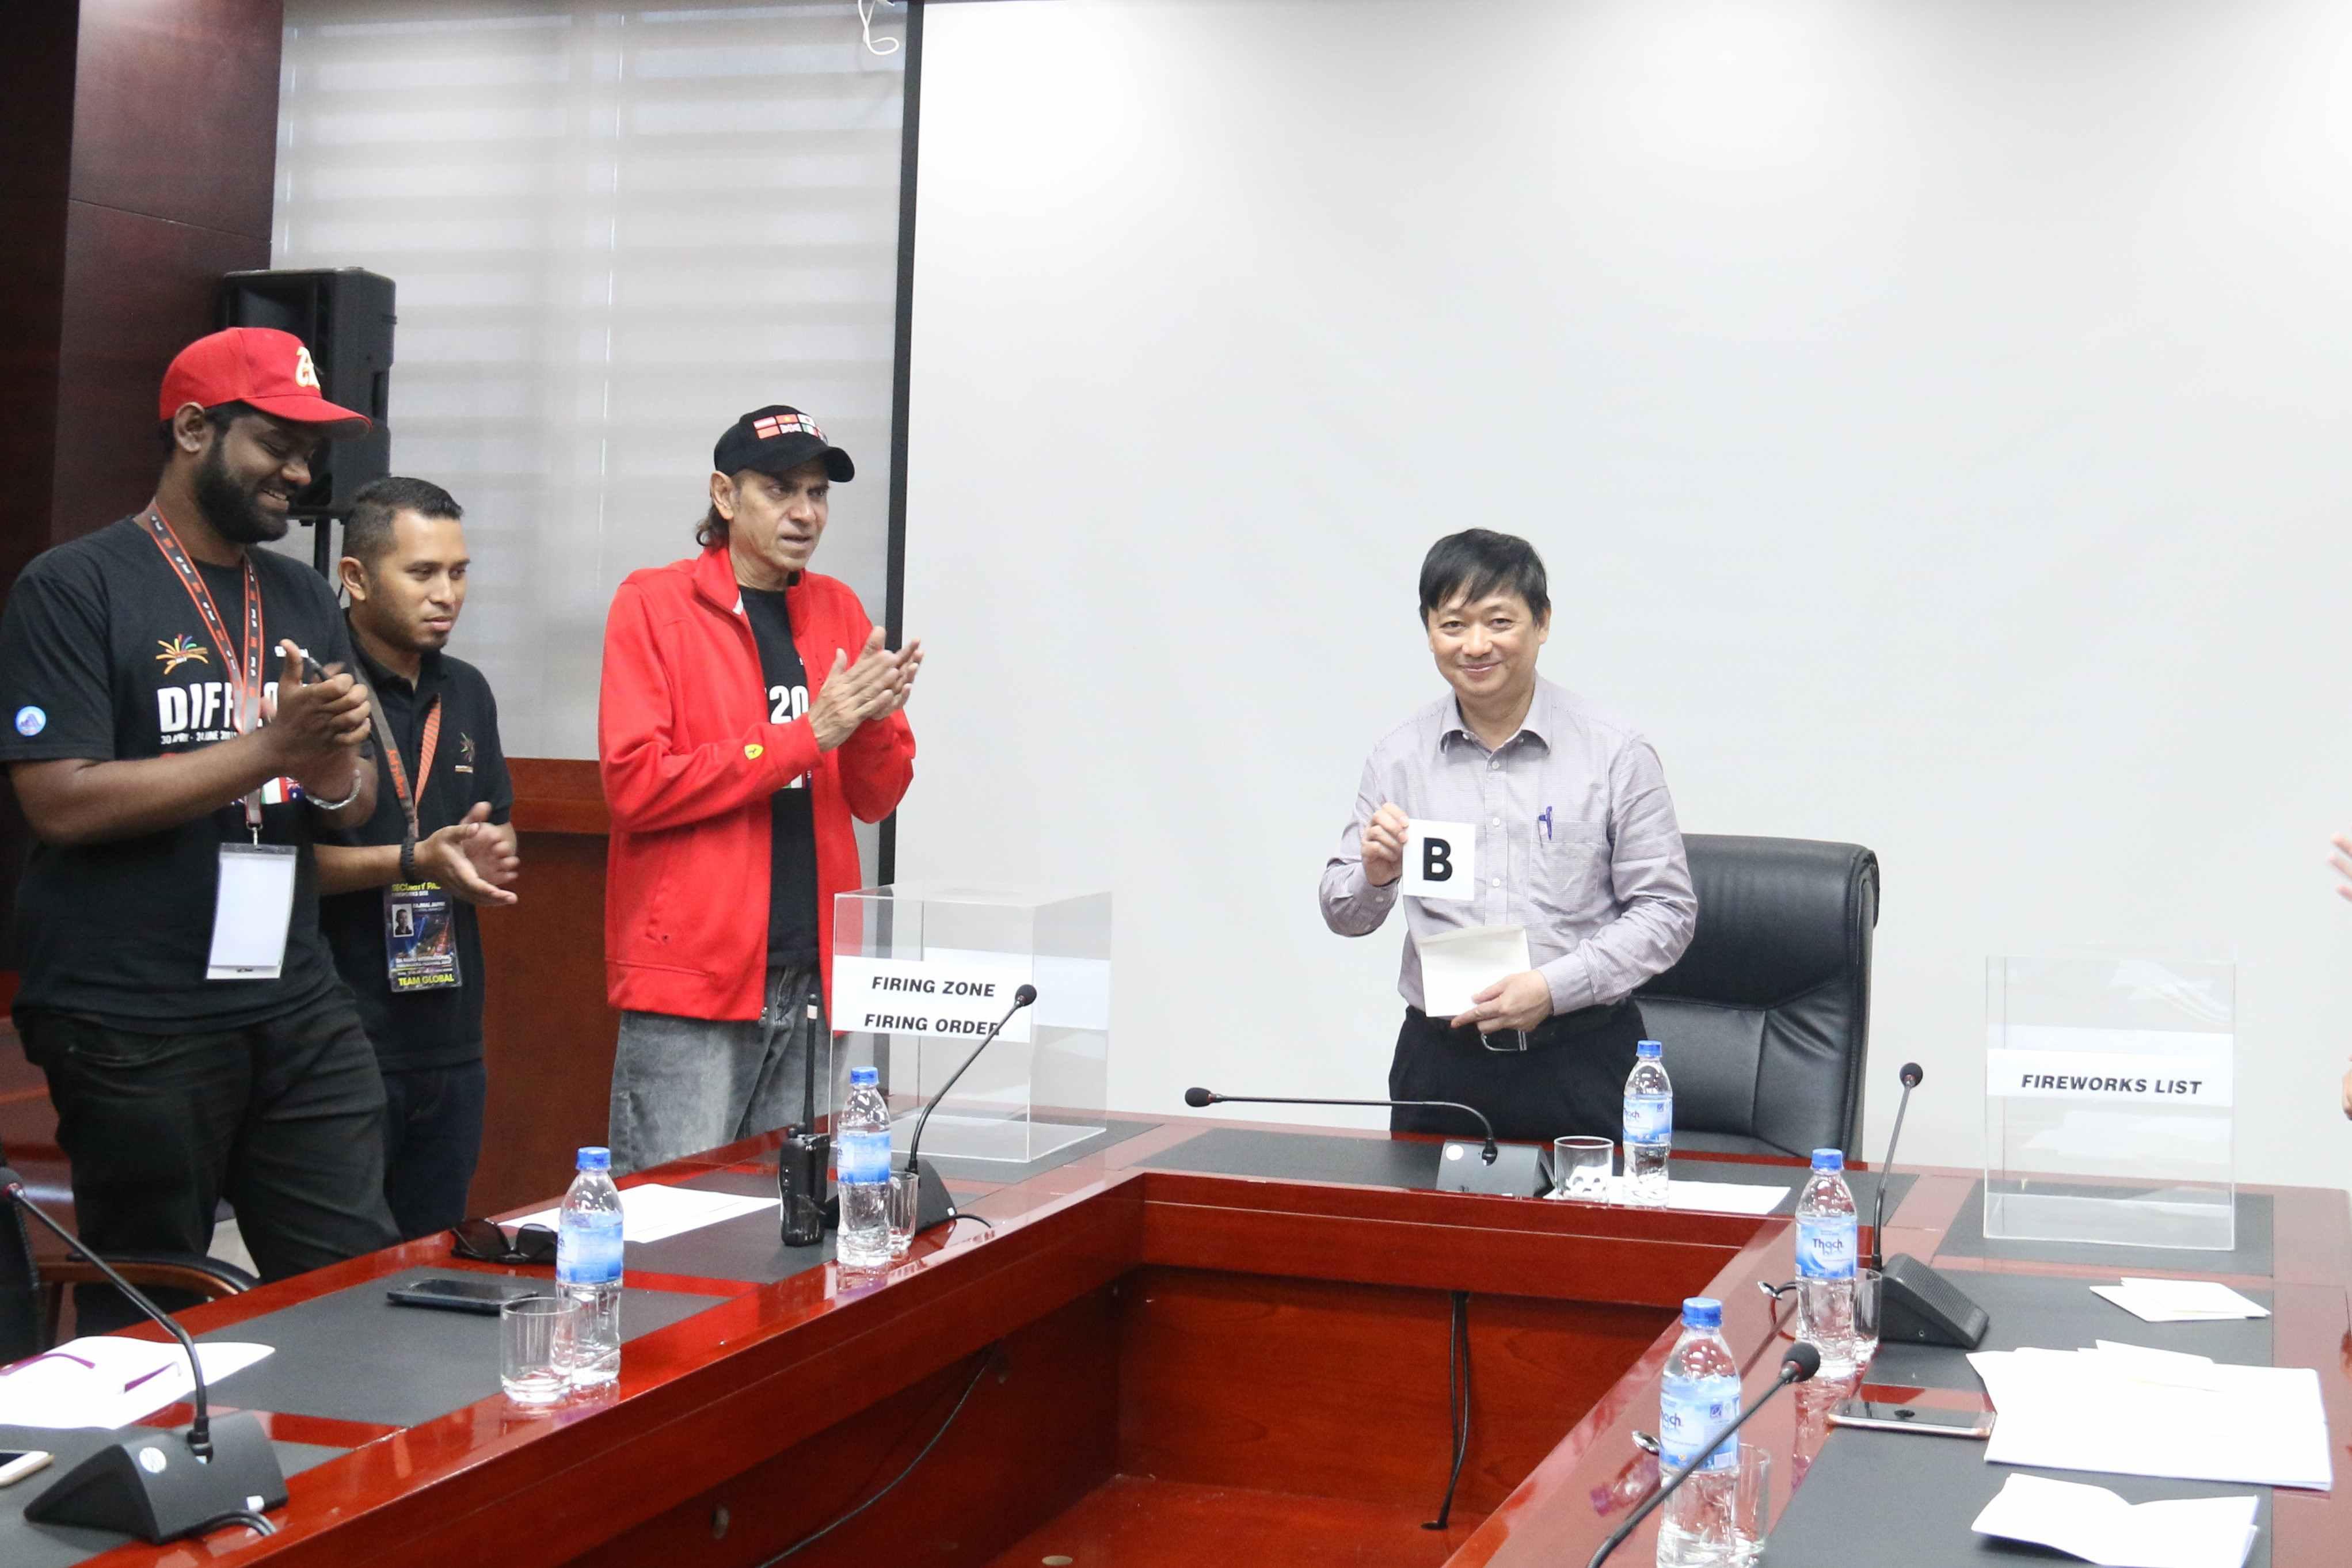 Ông Đặng Việt Dũng - Phó Chủ tịch UBND TP.Đà Nẵng trưởng ban tổ chức DIFF 2017 và các thành viên Global 2000 công bố các đội vào đêm chung kết. Ảnh: BTC cung cấp